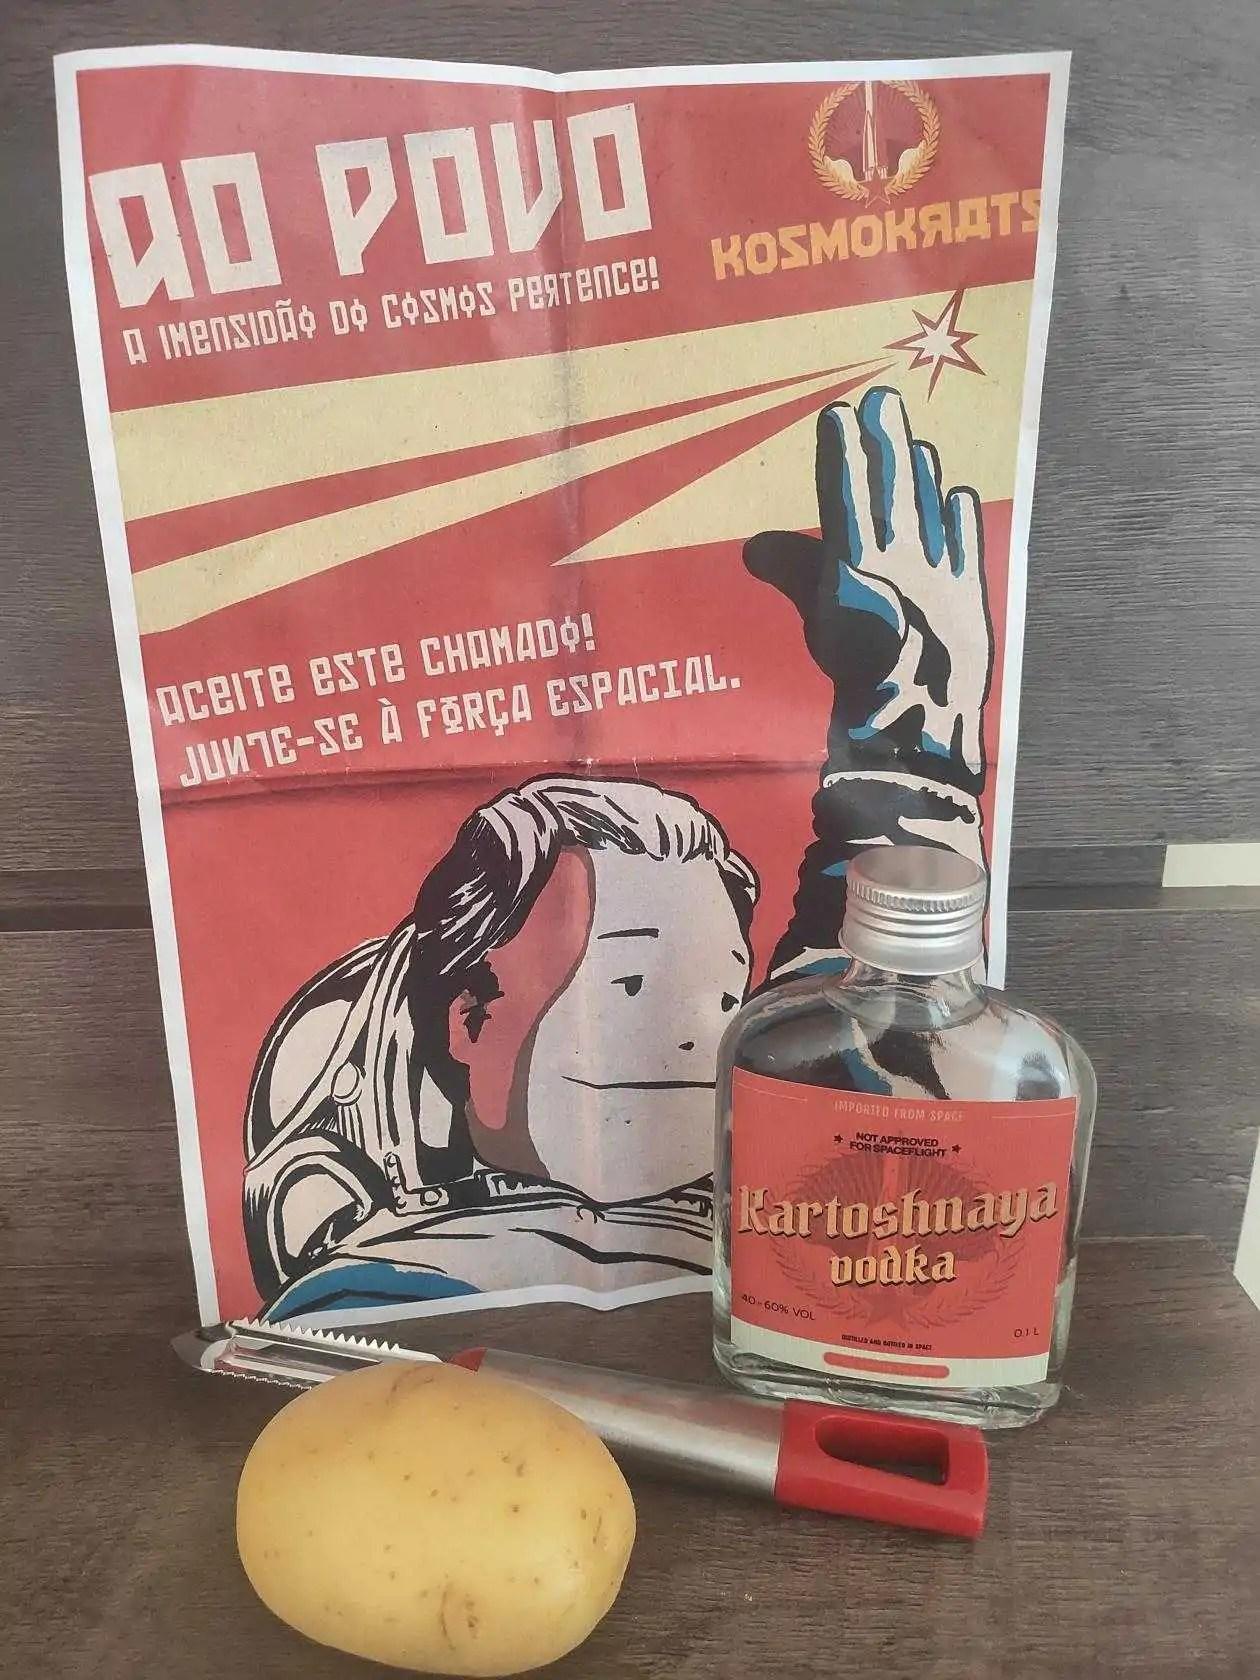 Kosmokrats Kit